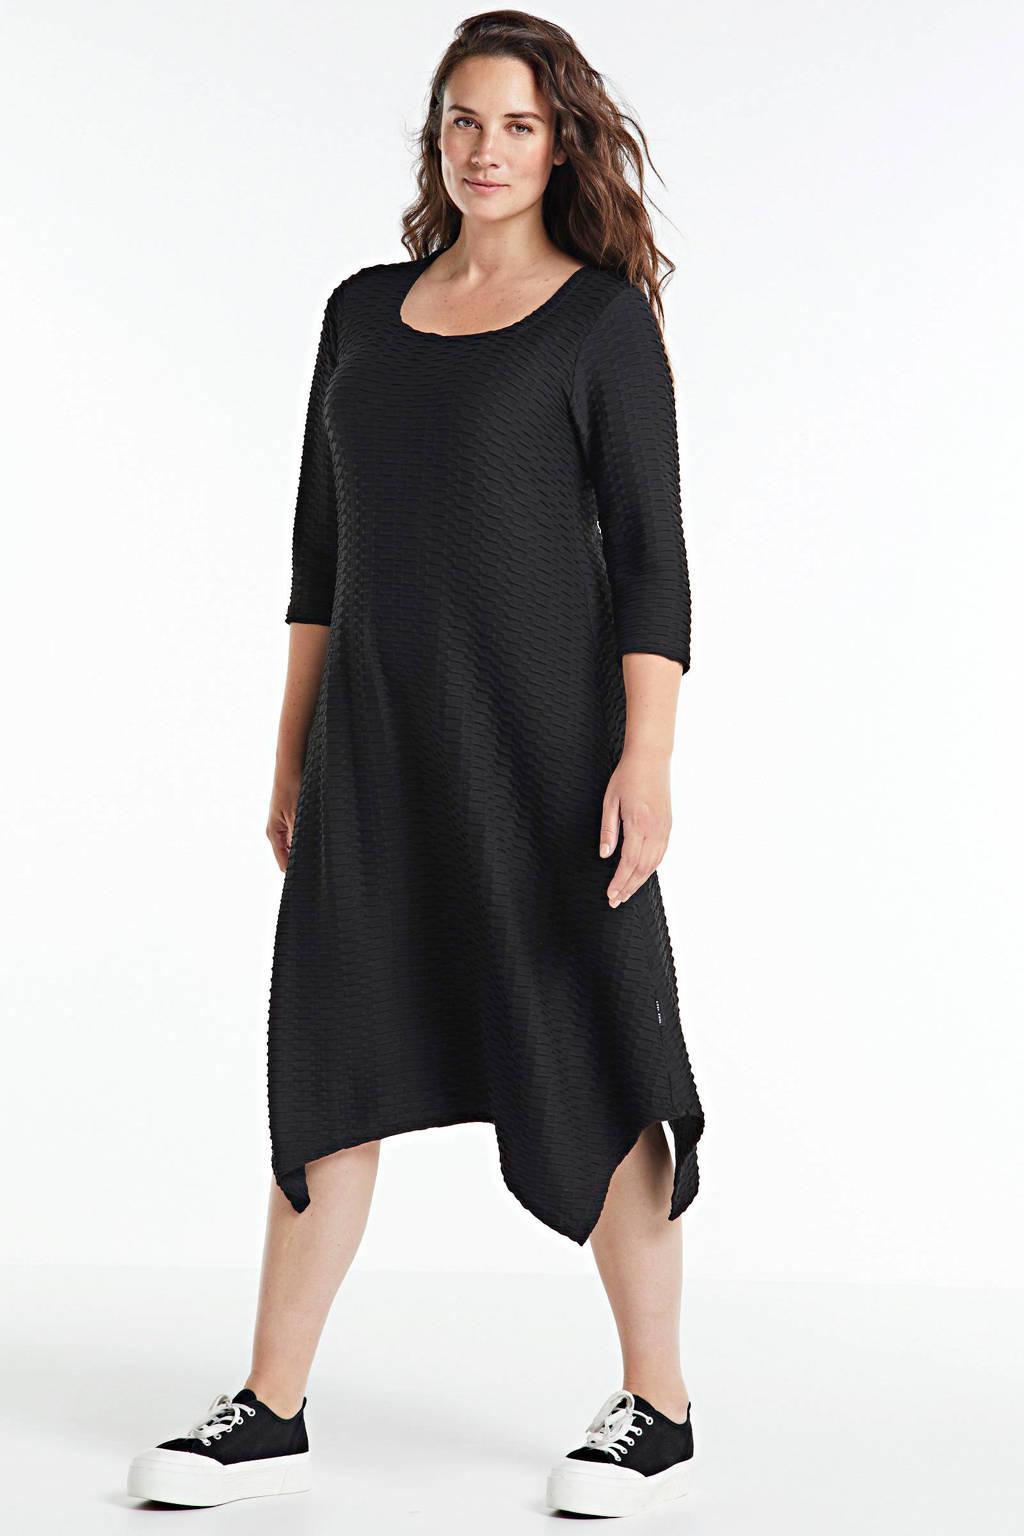 PONT NEUF gebreide jurk Sille zwart, Zwart